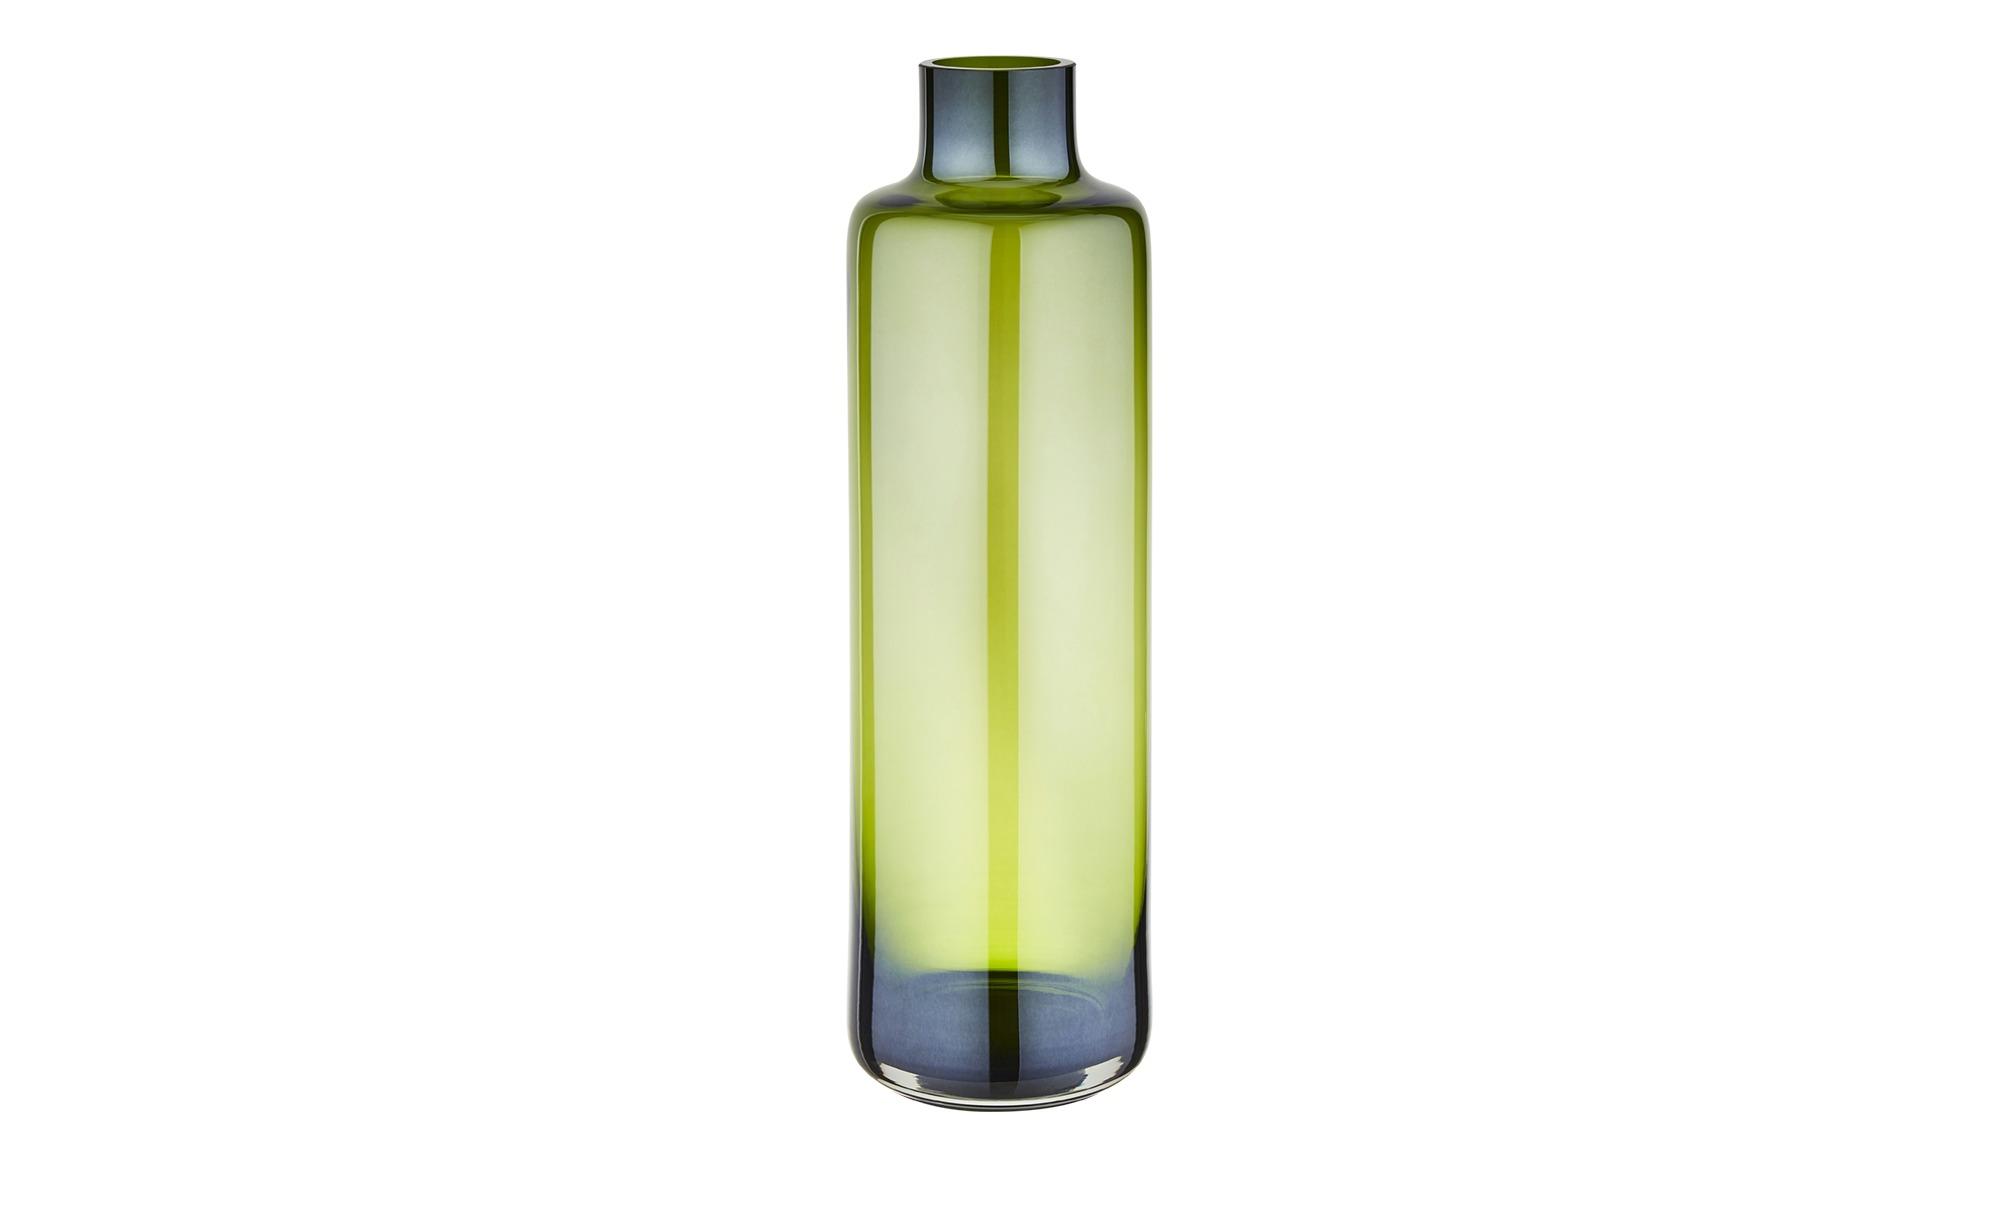 Flaschenvase